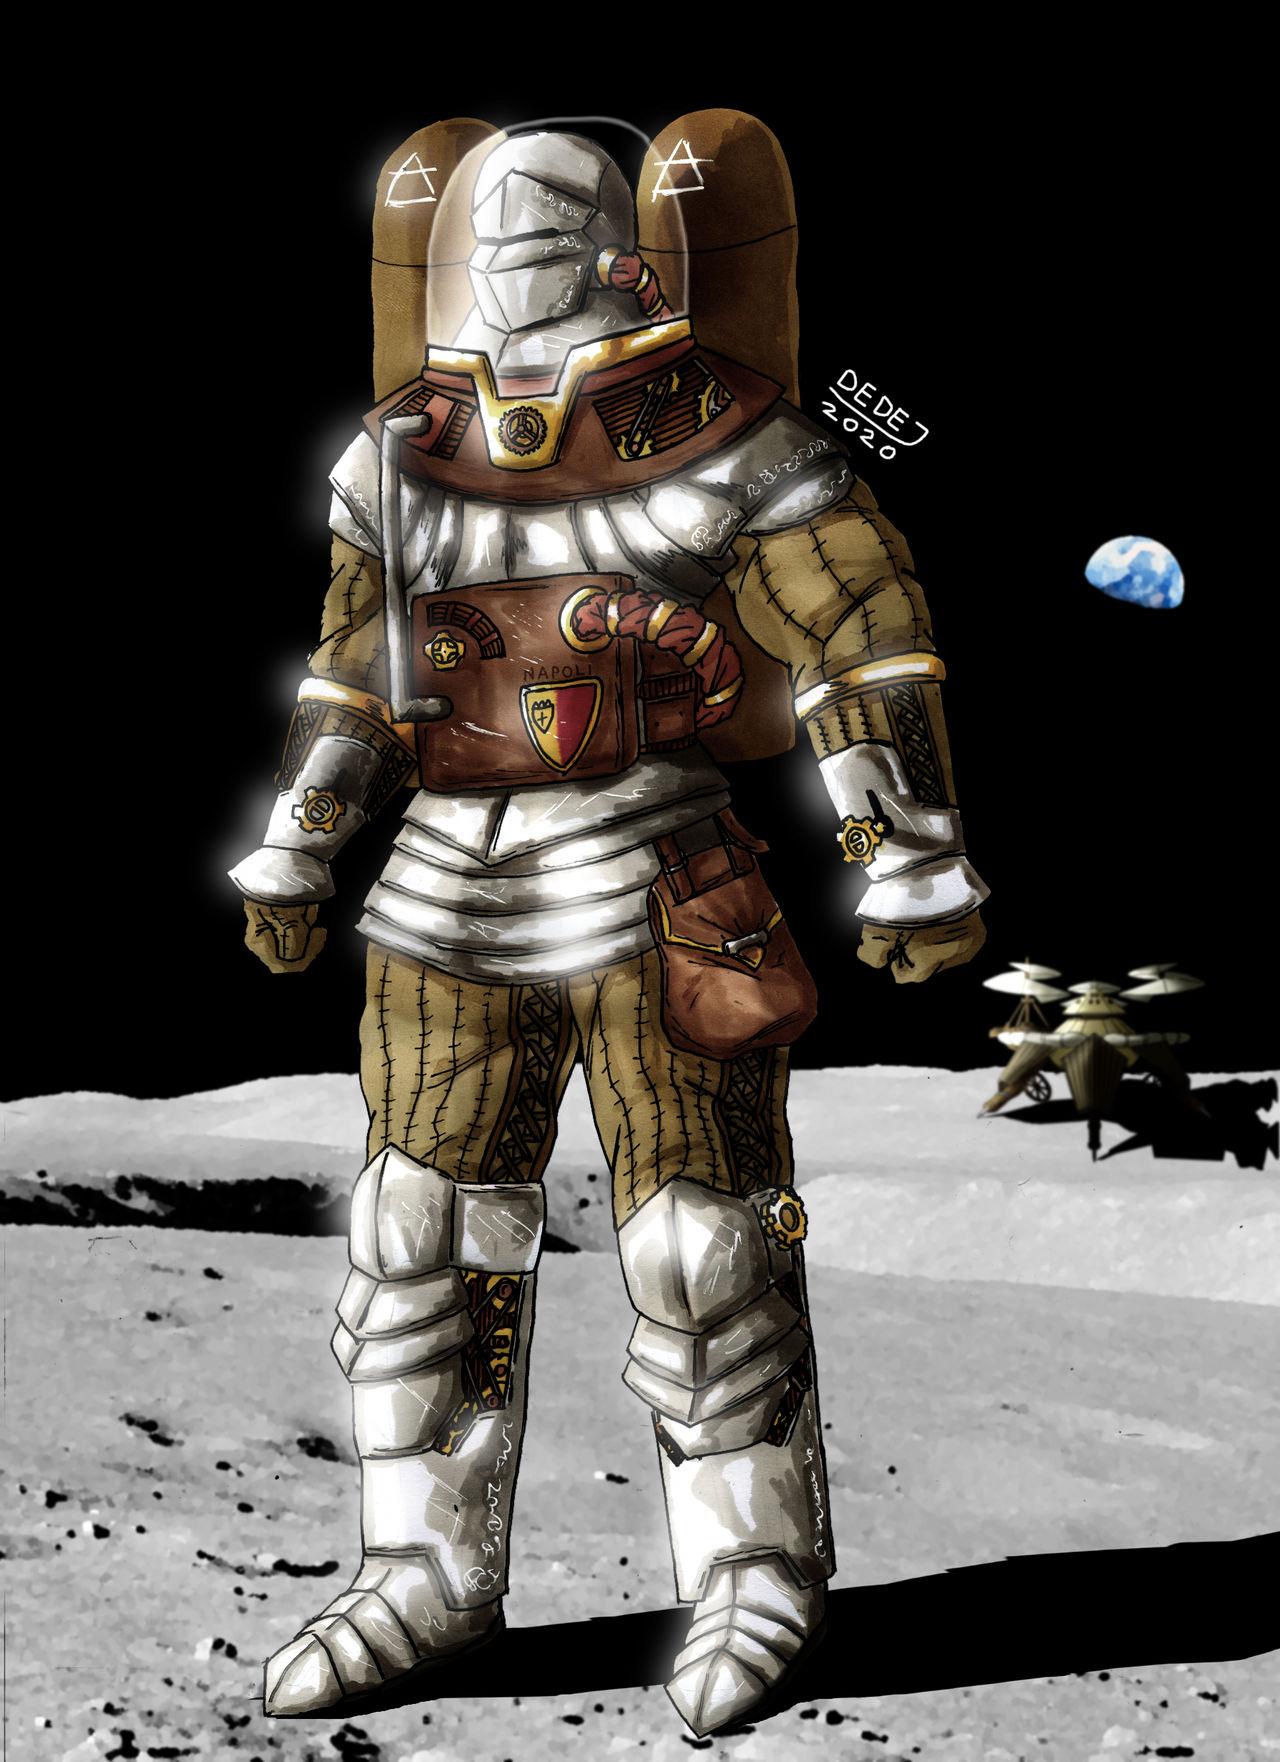 VINCI PUNK - RENAISSANCE SPACE PROGRAM